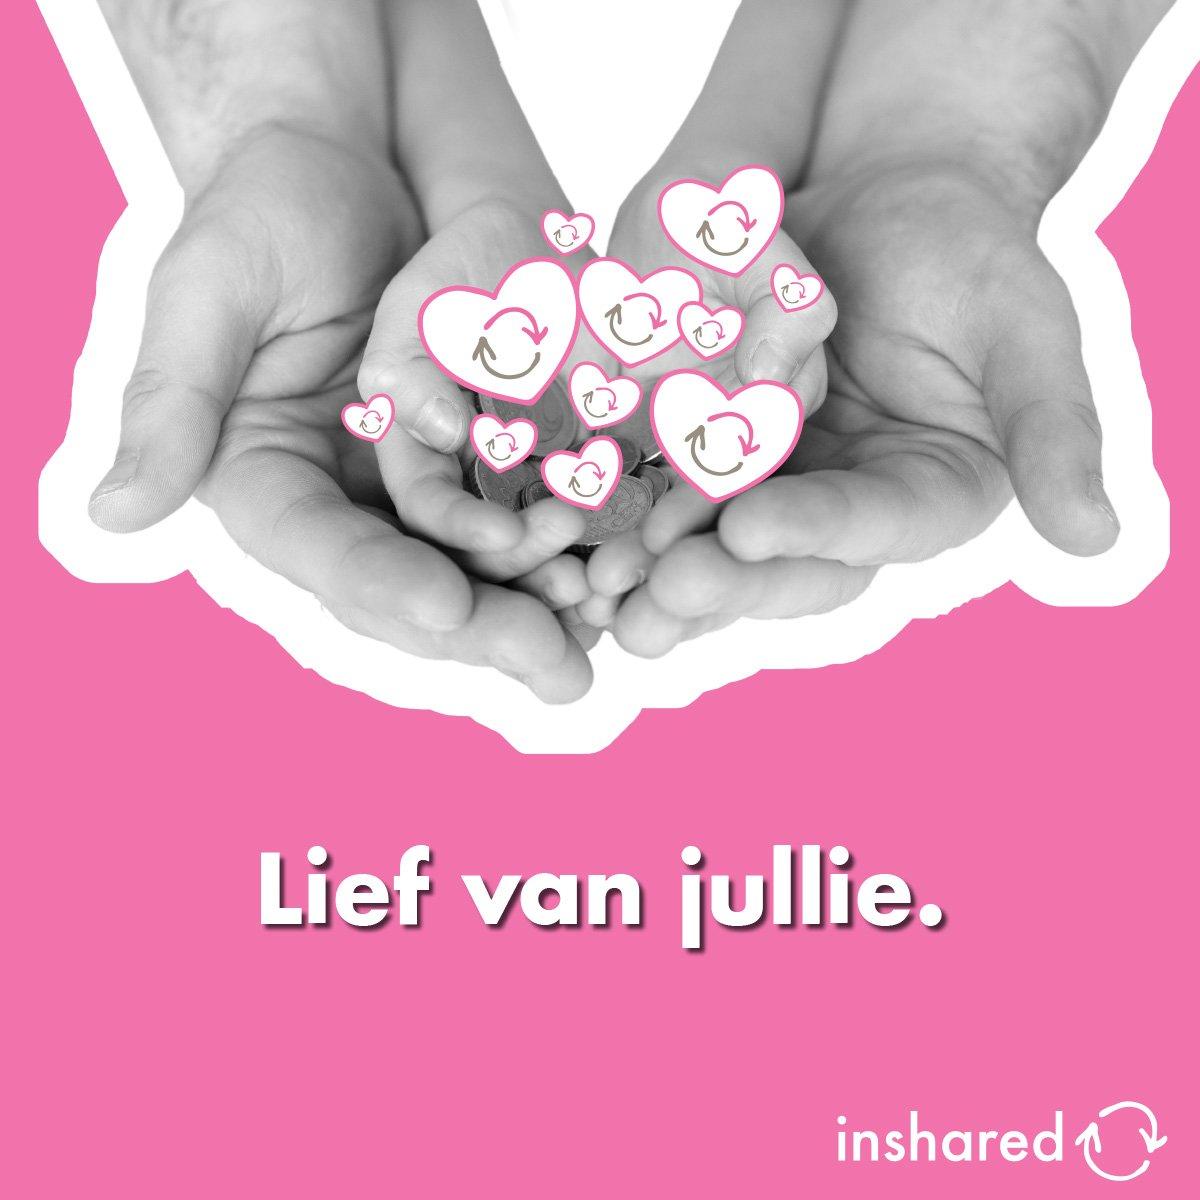 DONEREN = LIEF Yes! Ook dit jaar is er weer een Jaarbeloning voor de klanten van InShared. Dit jaar maar liefst 1,1 miljoen euro. Dat kunnen ze door ons laten doneren aan KWF Kankerbestrijding. Als dat geen 'We all benefit' is ❤️ https://t.co/XoNBgGrTEg